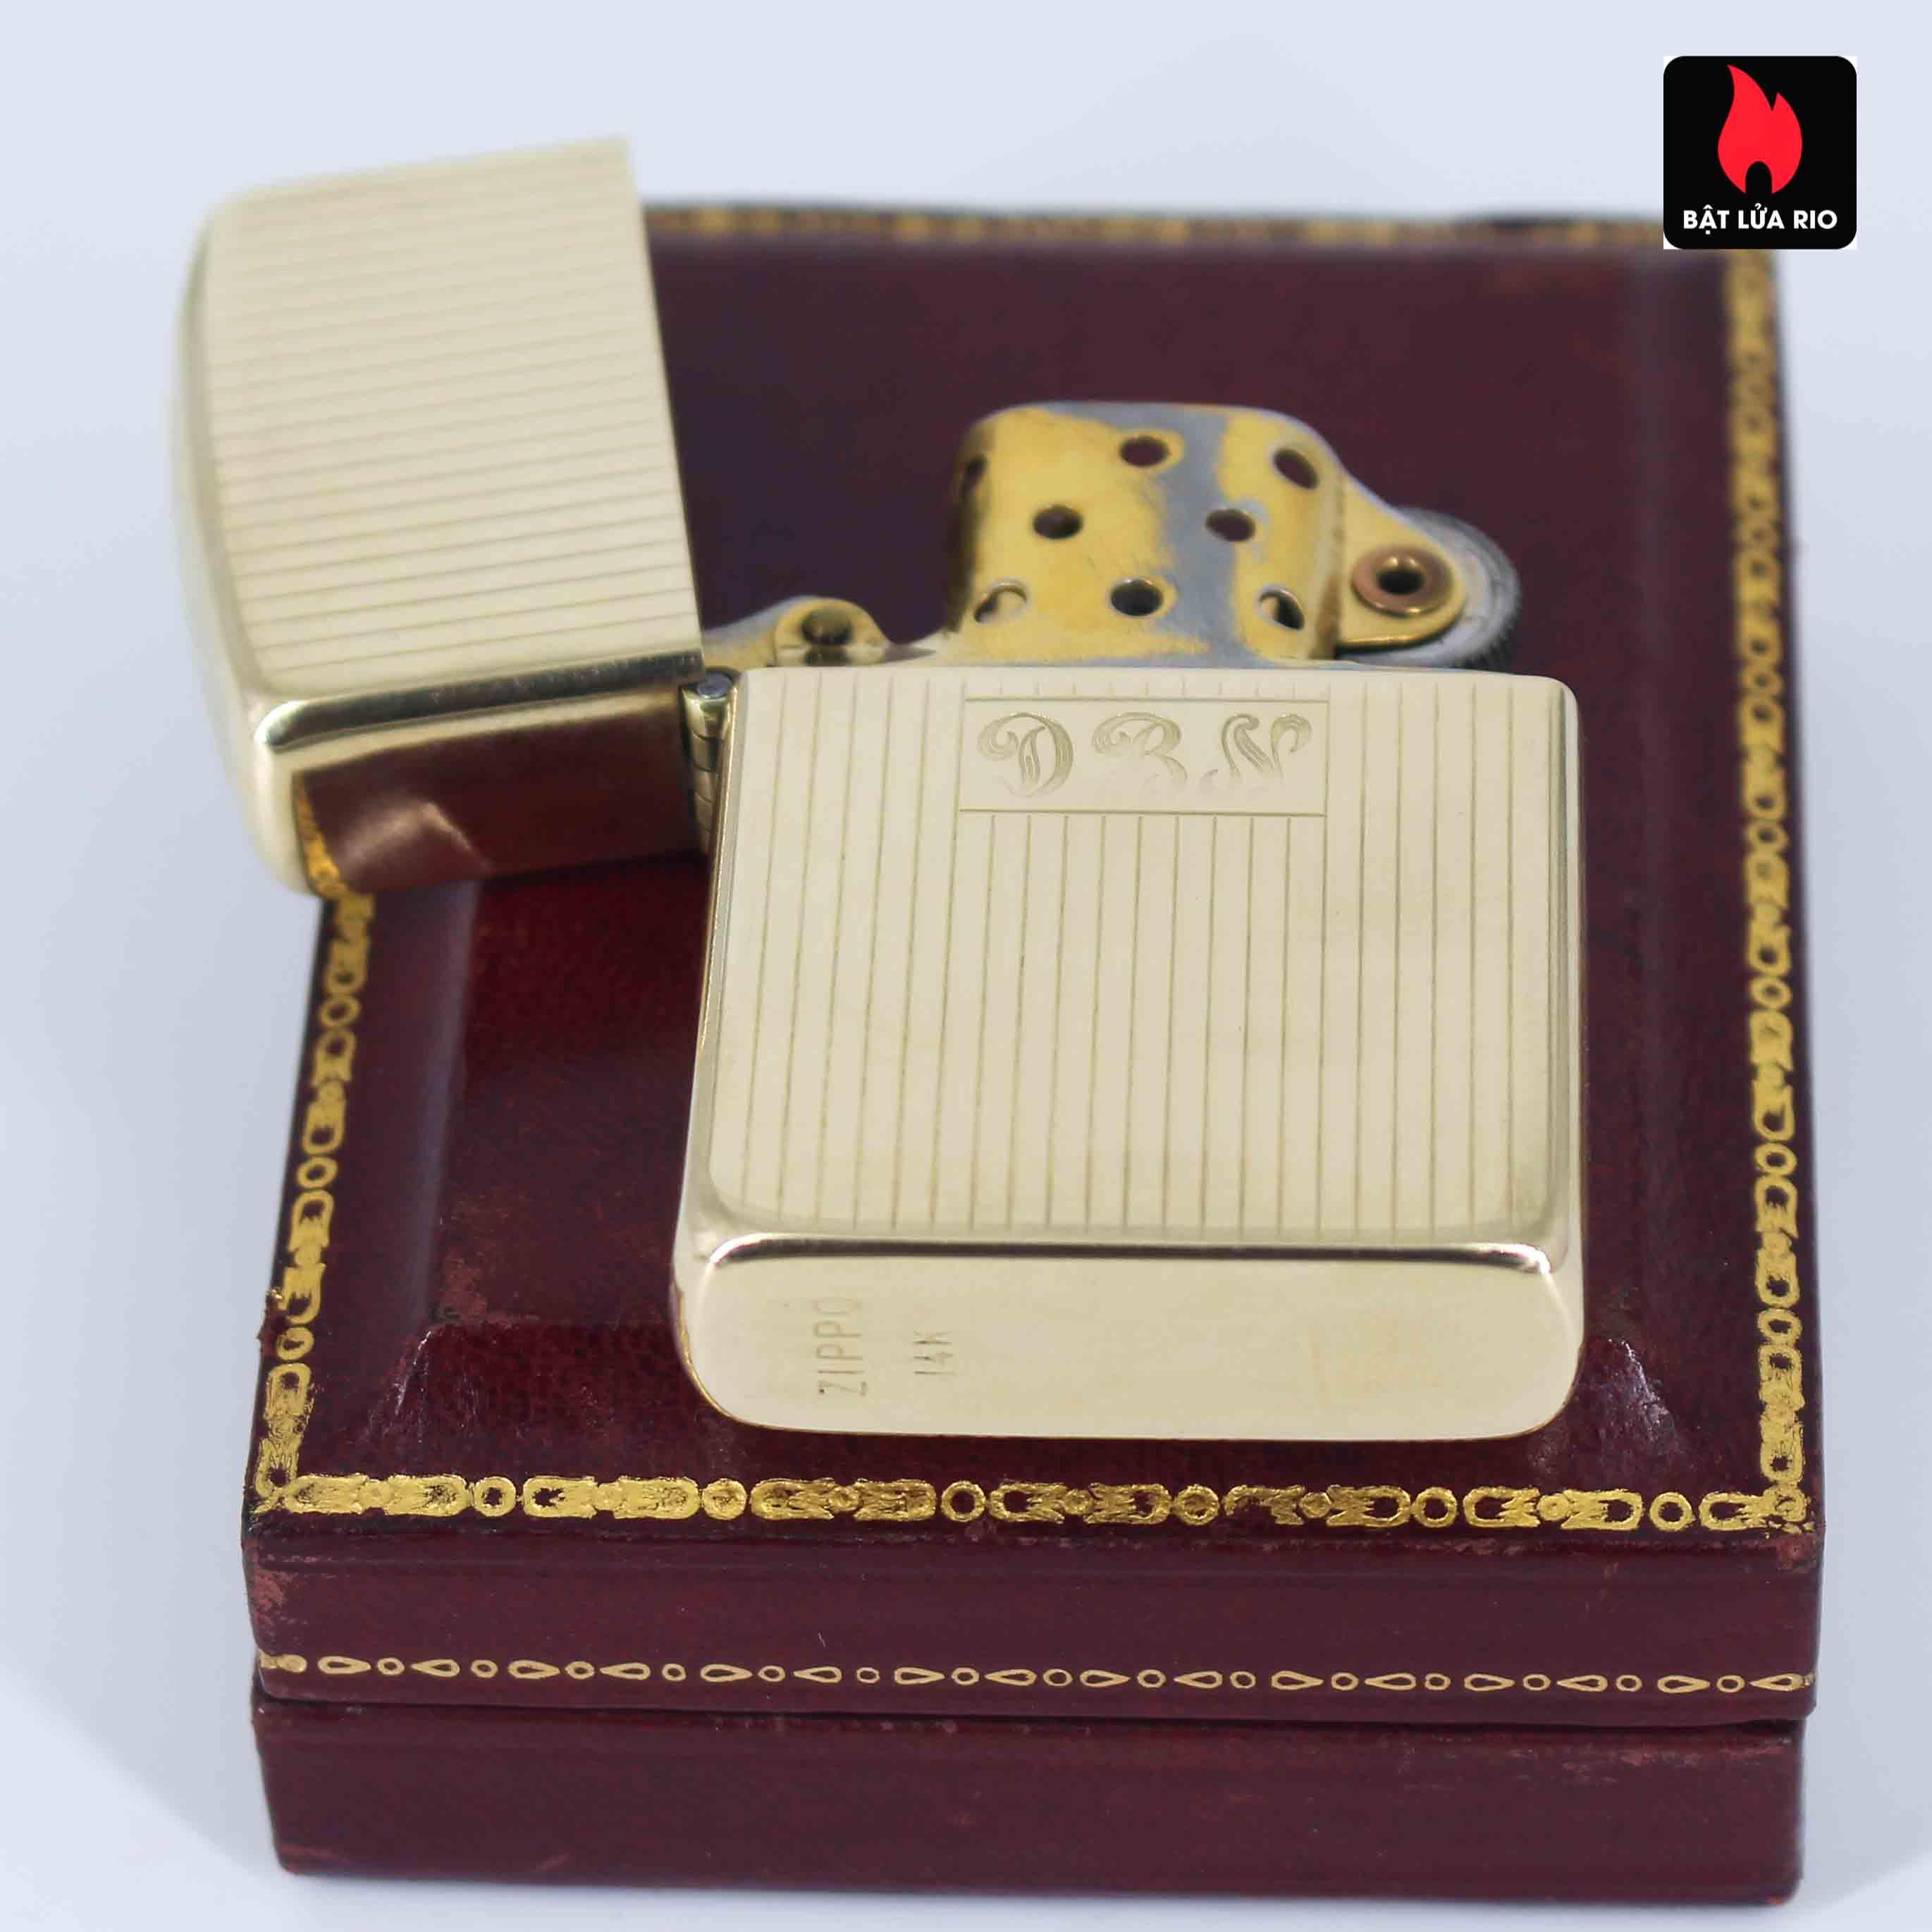 Hiếm - Zippo 1950s - Solid Gold 14k - Vàng Nguyên Khối 14k 7